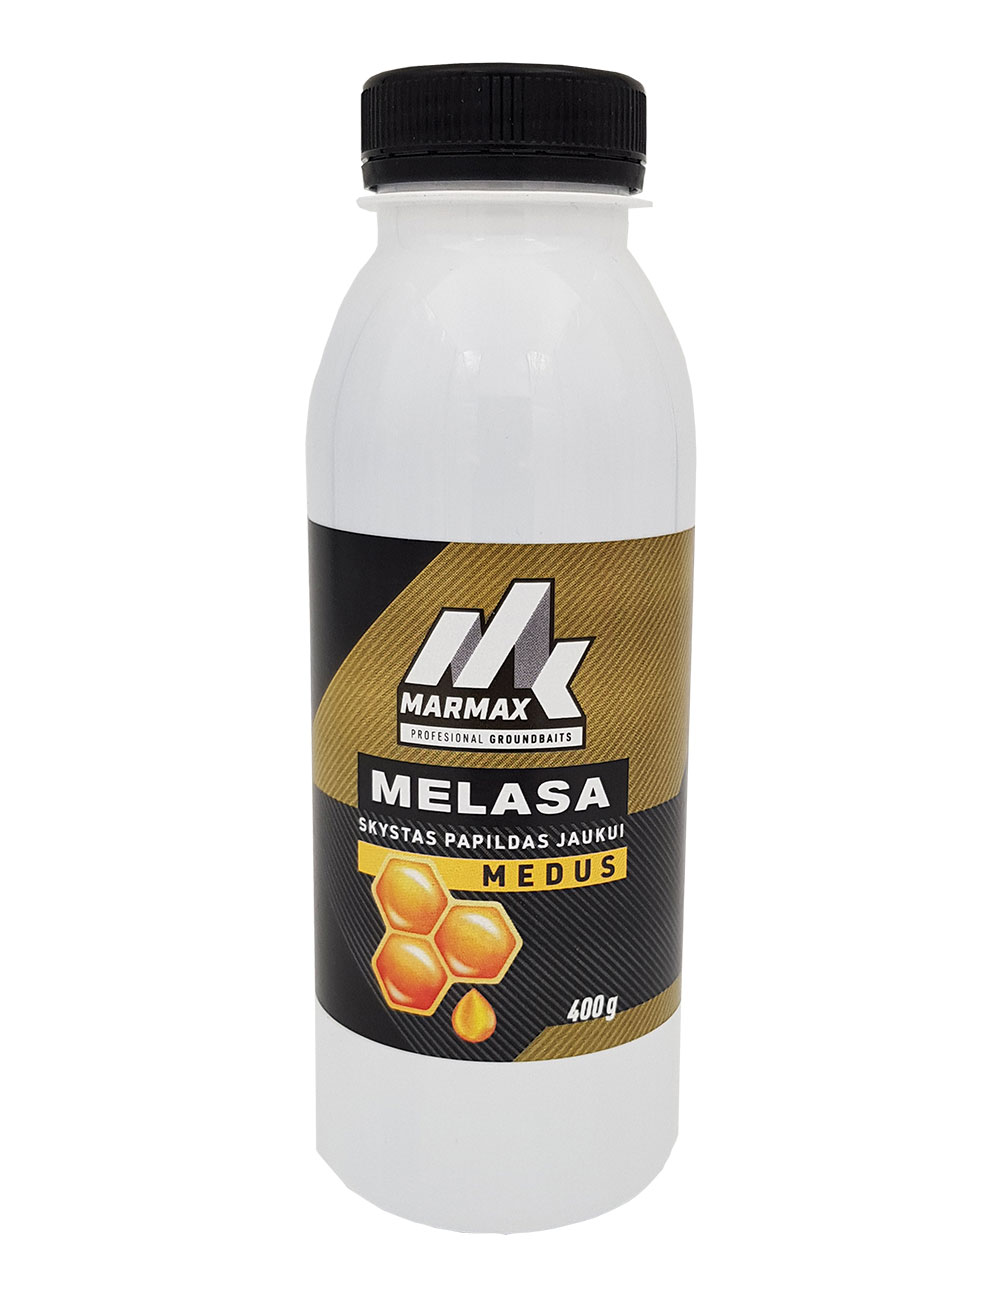 Melasa - Medus (400g)